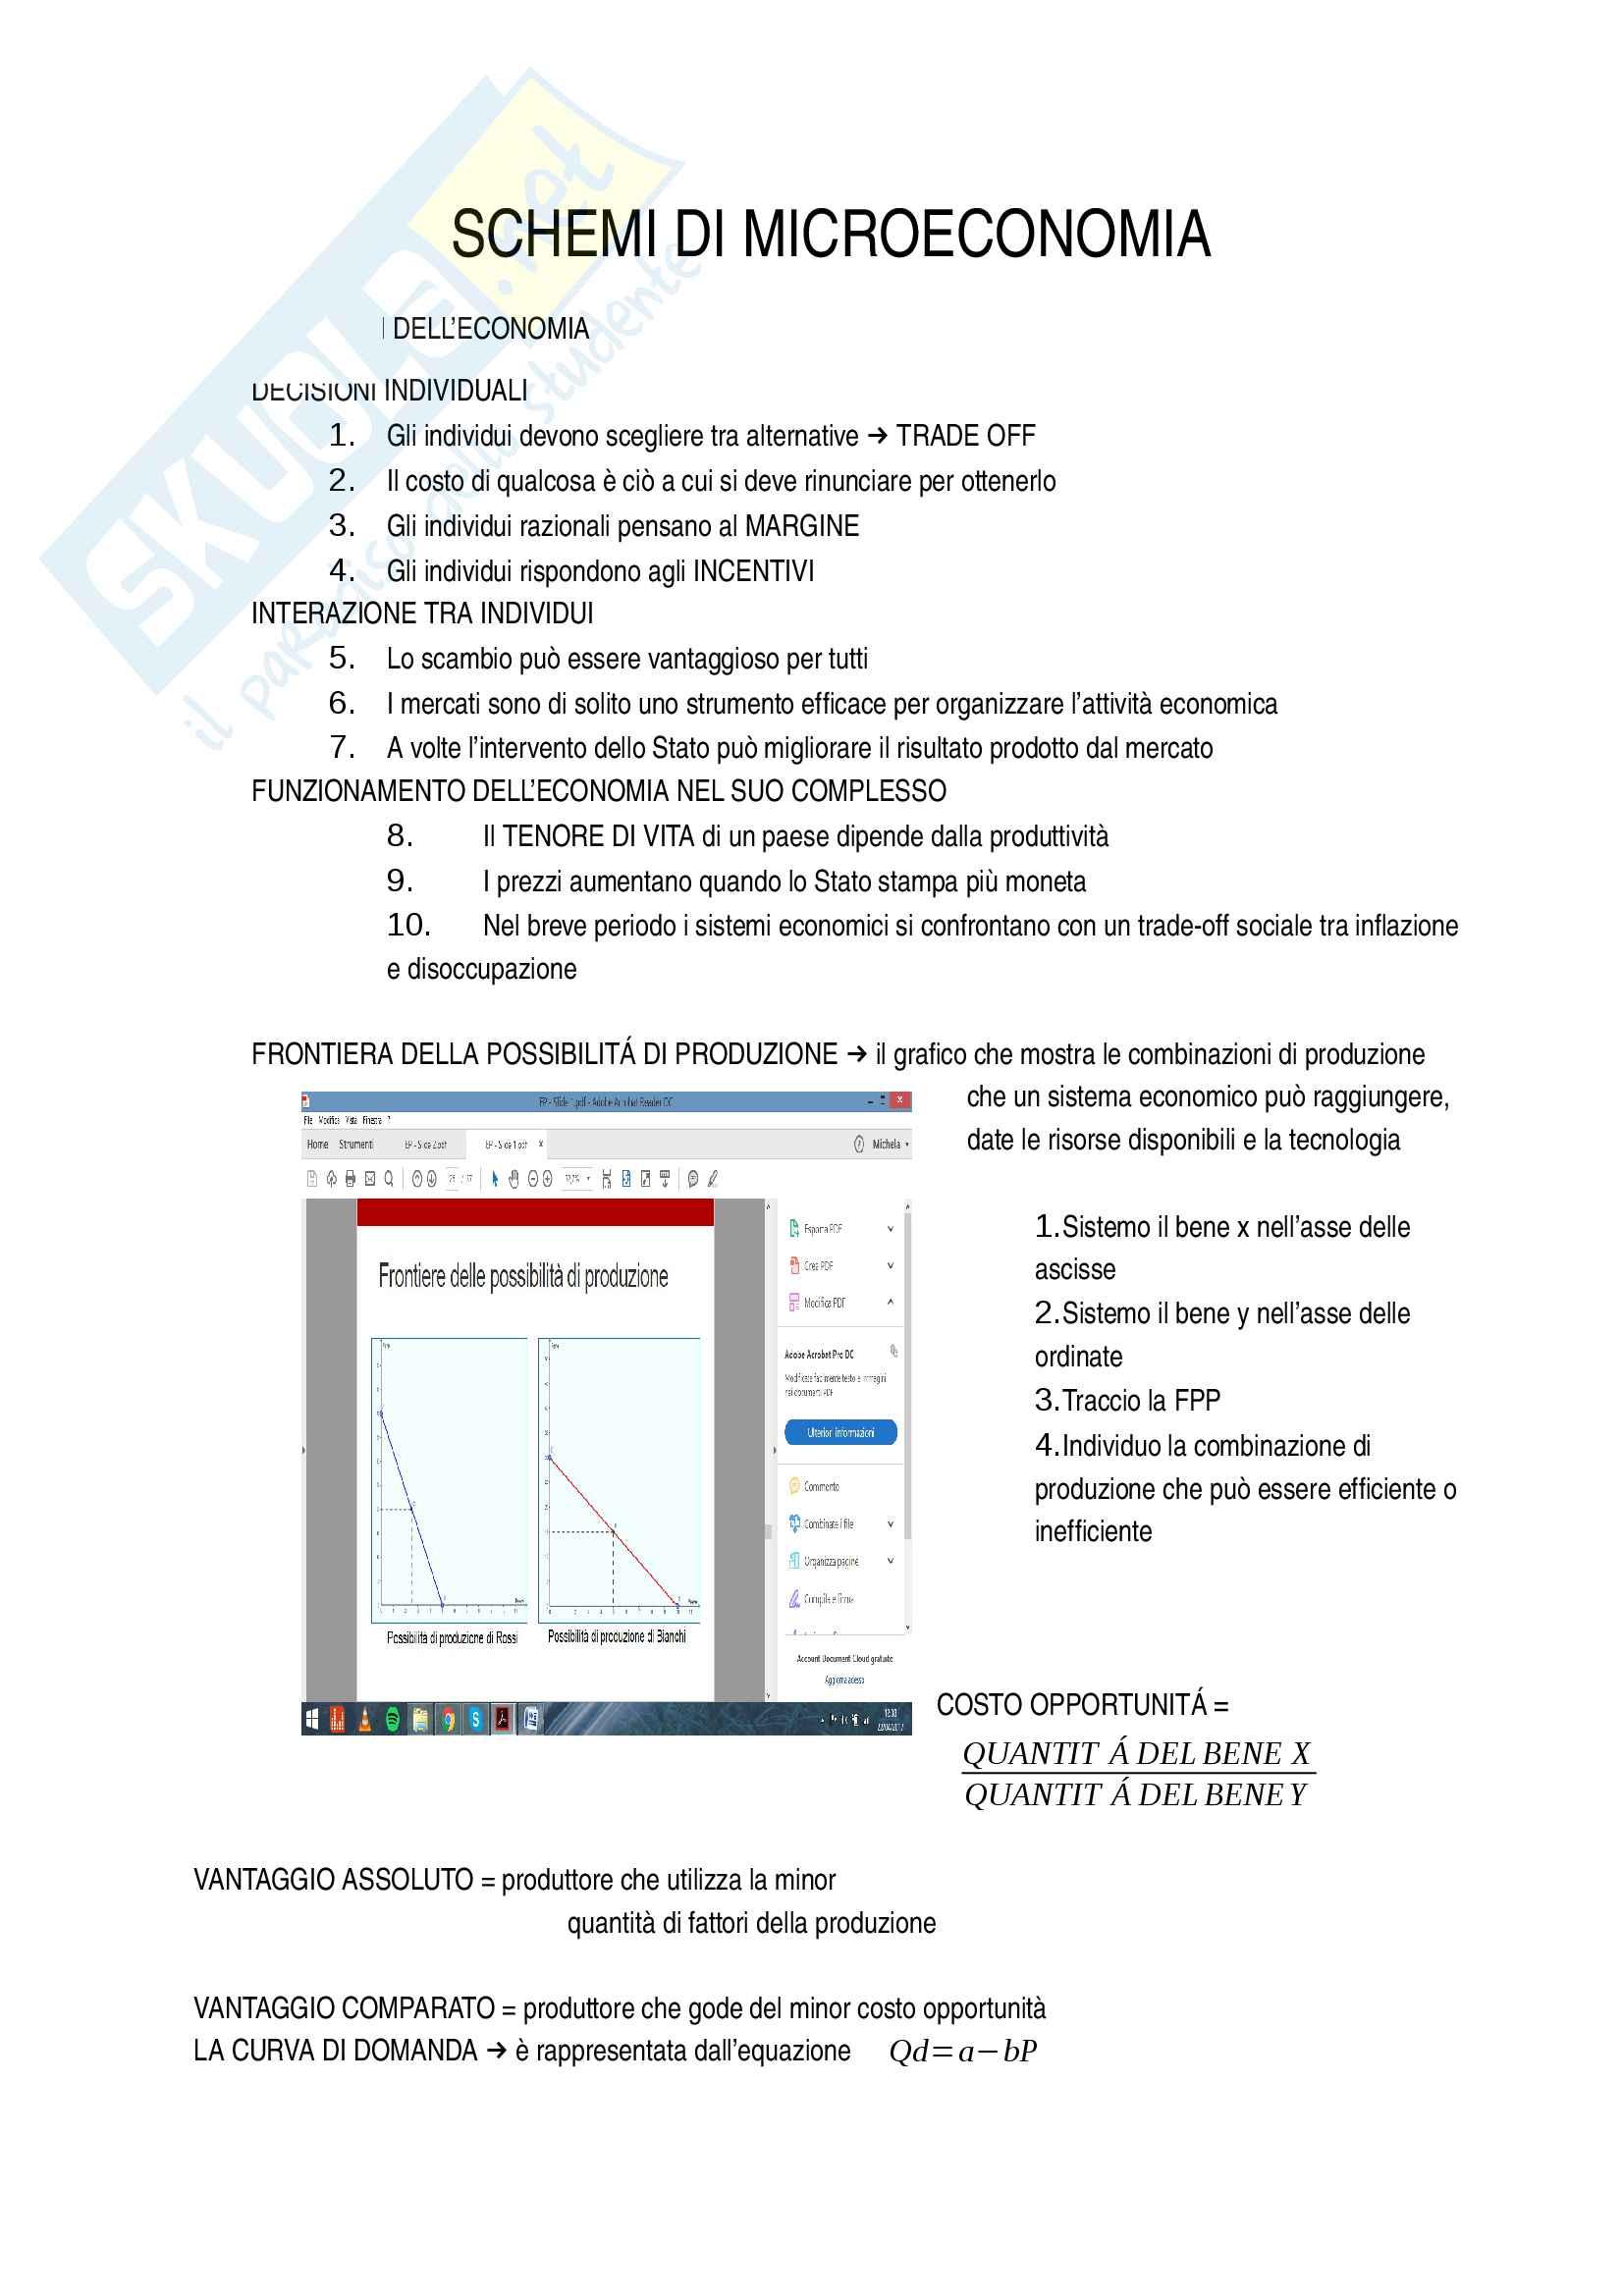 Schemi, riassunti e formulario di Microeconomia